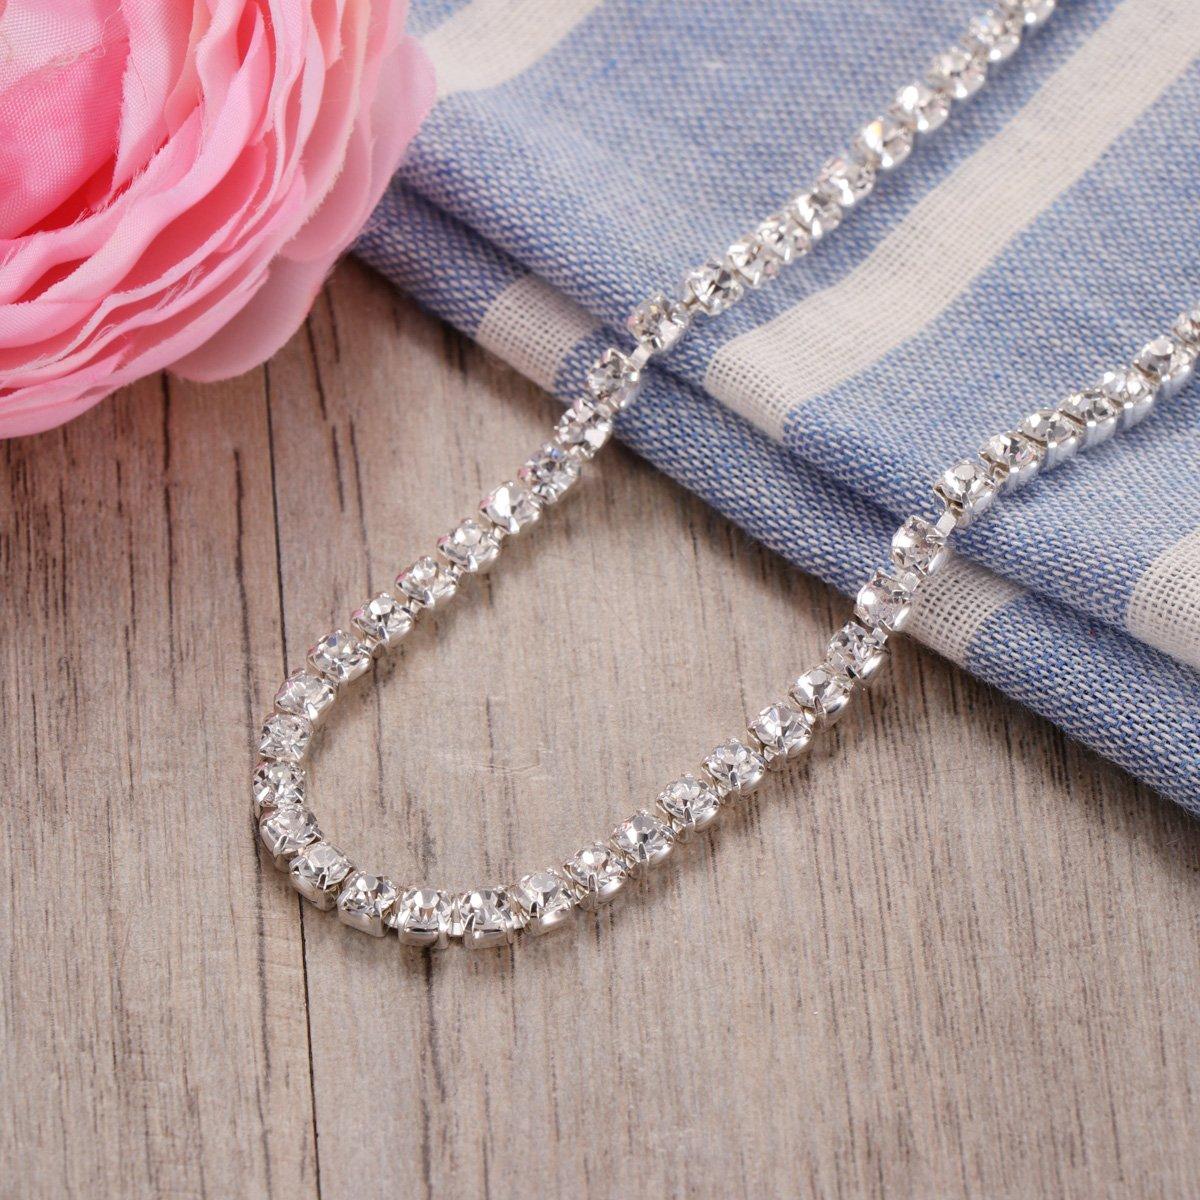 4.0MM ULTNICE Cha/îne de griffe de cha/îne de strass de cha/îne en cristal de 10M /étroitement pour la couture dartisanat de bijoux